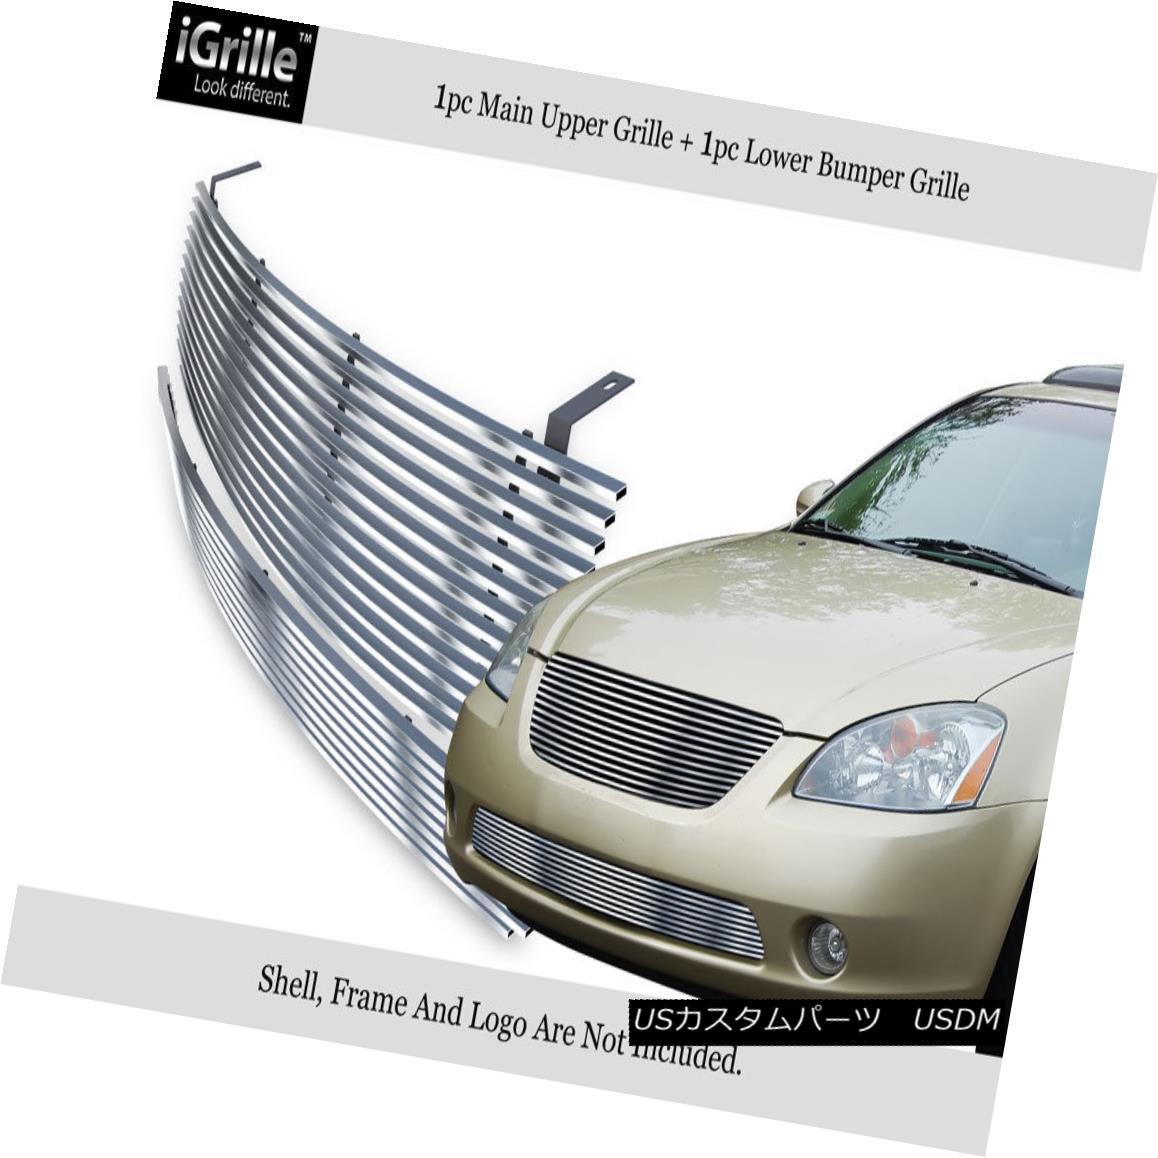 グリル Fits 2002-2004 Nissan Altima Bumper Stainless Steel Billet Grille Insert Combo フィット2002-2004日産アルティマバンパーステンレス鋼ビレットグリルインサートコンボ